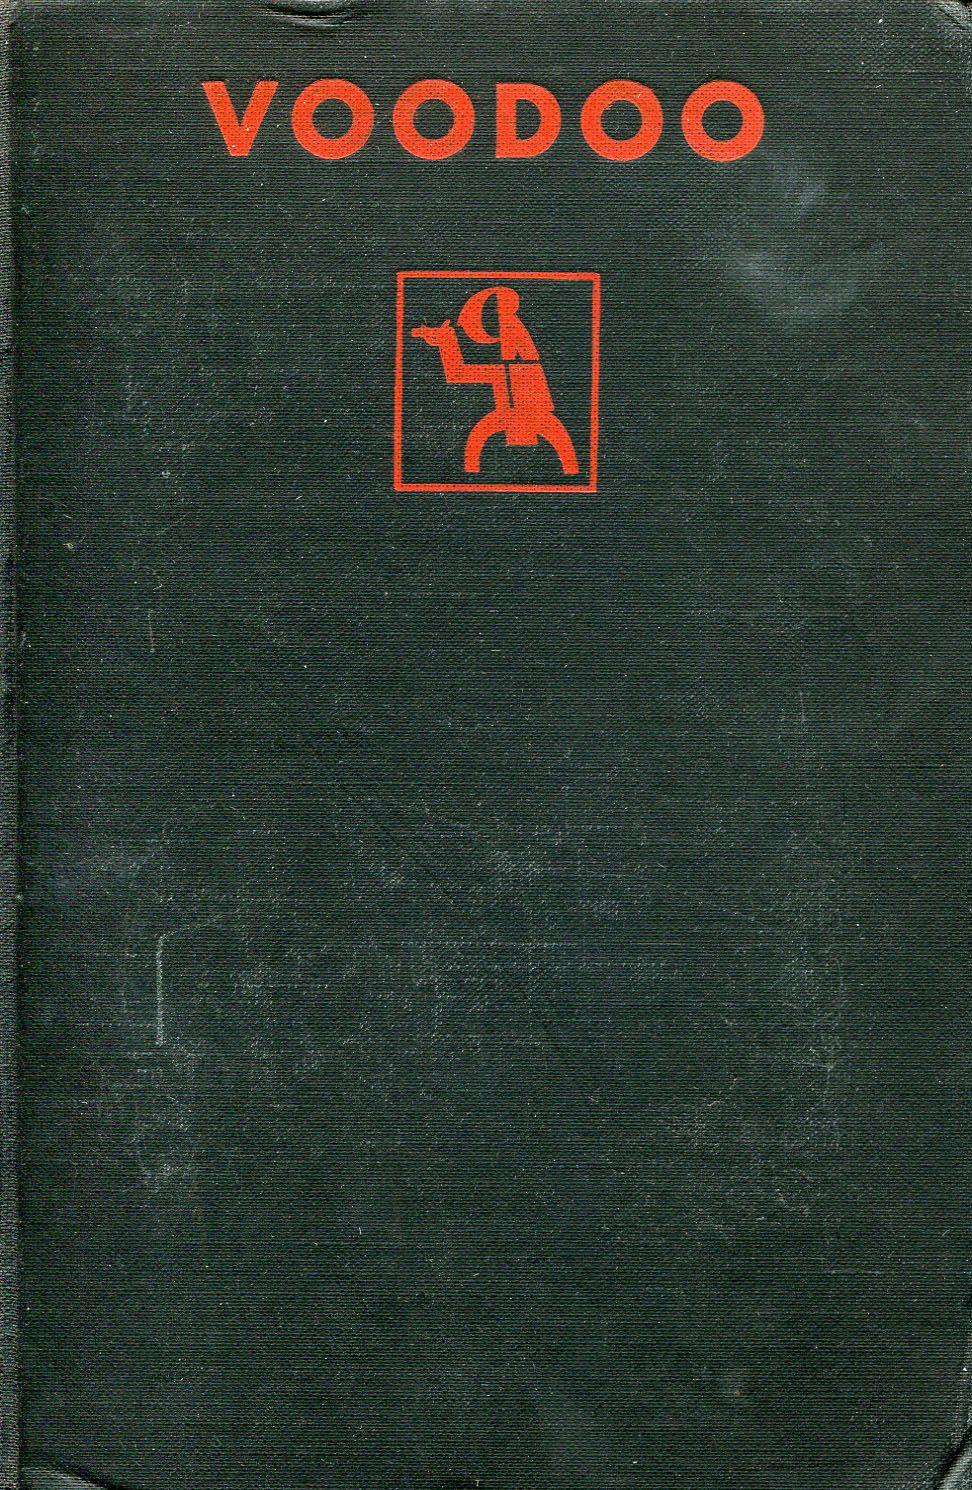 Voodoo by John Esteven, 1930